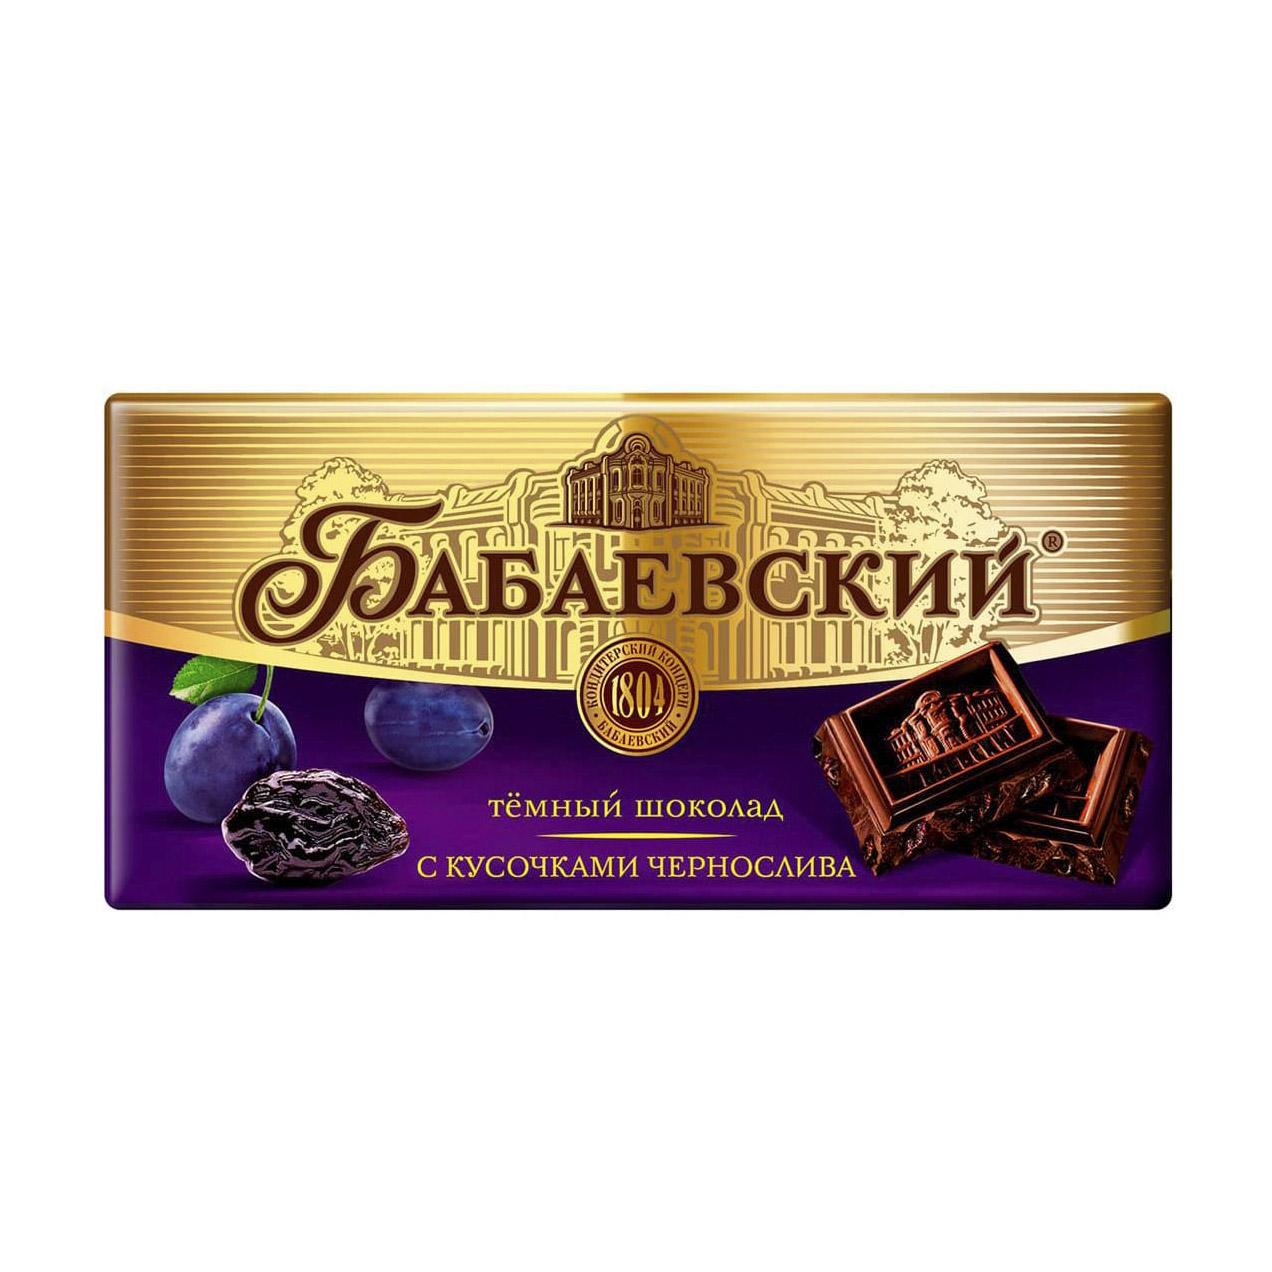 шоколад cemoi темный с карамелизированными кусочками миндаля 100 г Тёмный шоколад Бабаевский с кусочками чернослива 100 г